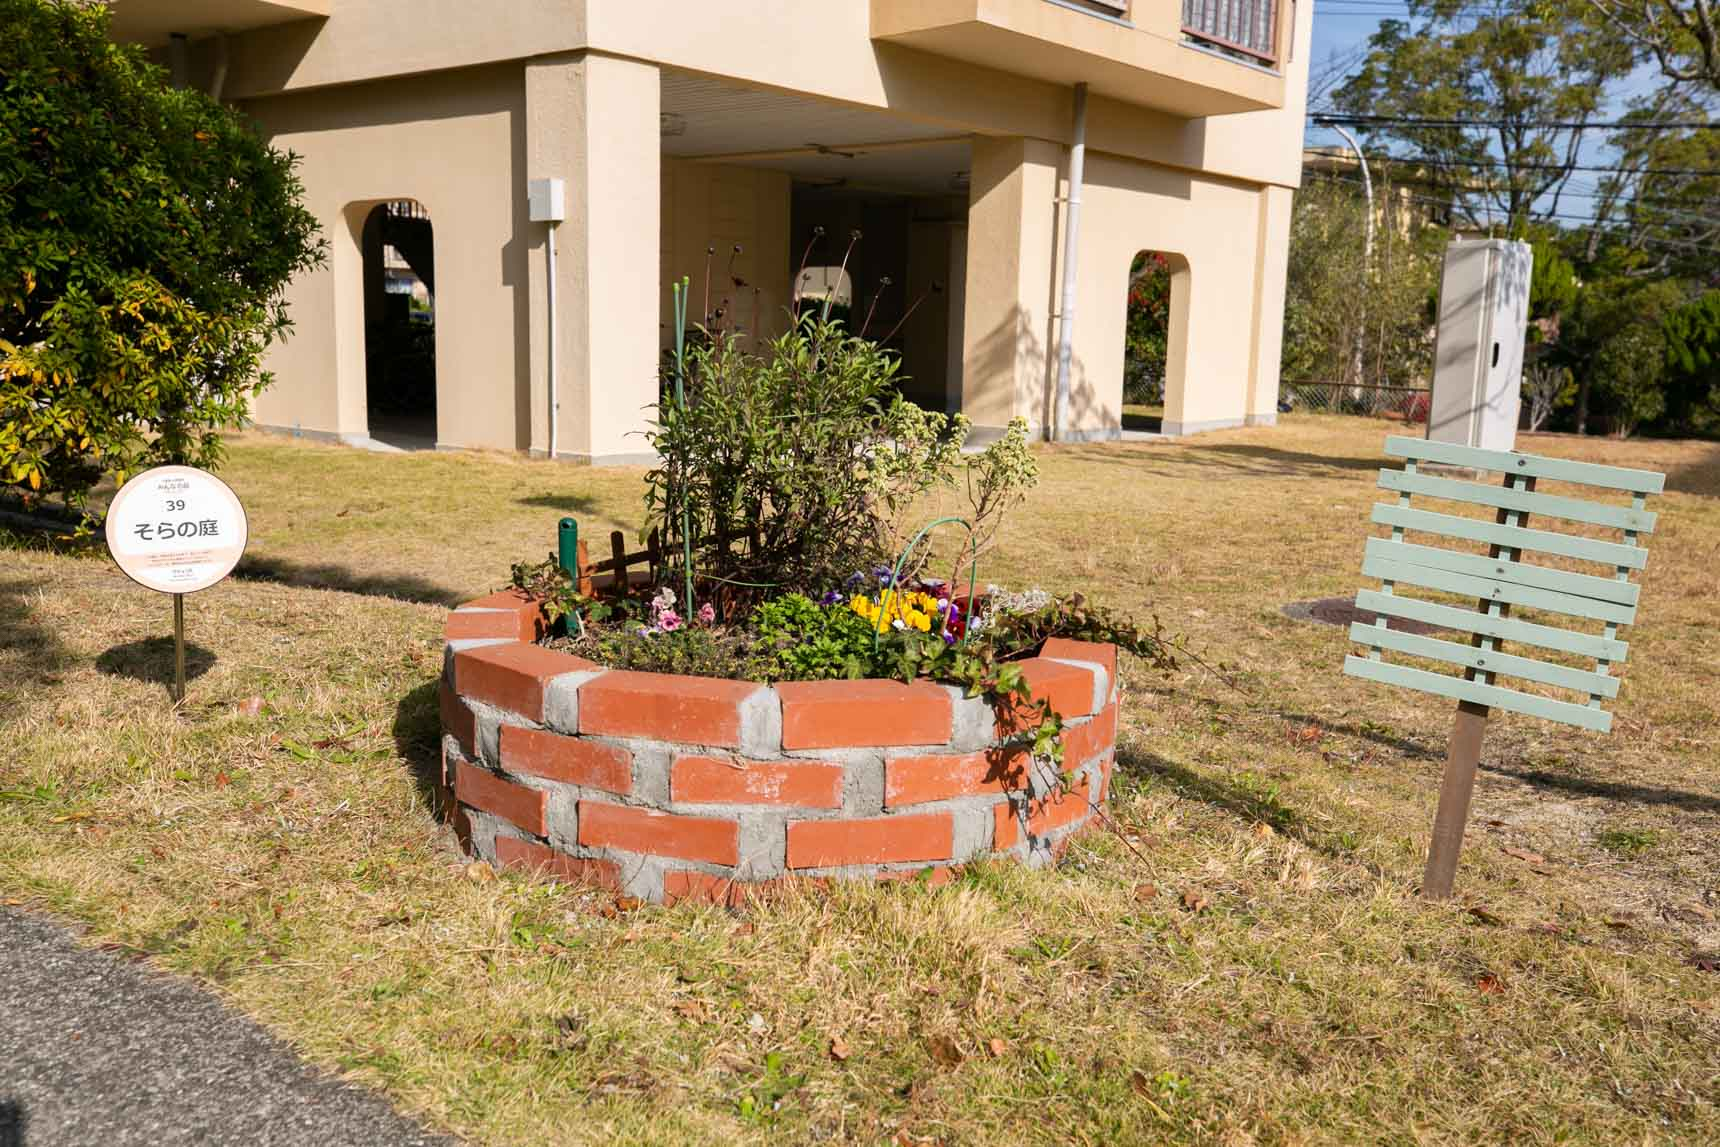 千里青山台にお住いの方にお庭の手入れをしてもらっています(申込制)。現在は団地内に約40箇所ほどのお庭が誕生しています。お庭の持ち主がそれぞれに、お手入れしている花壇に名前をつけていらっしゃいますね。